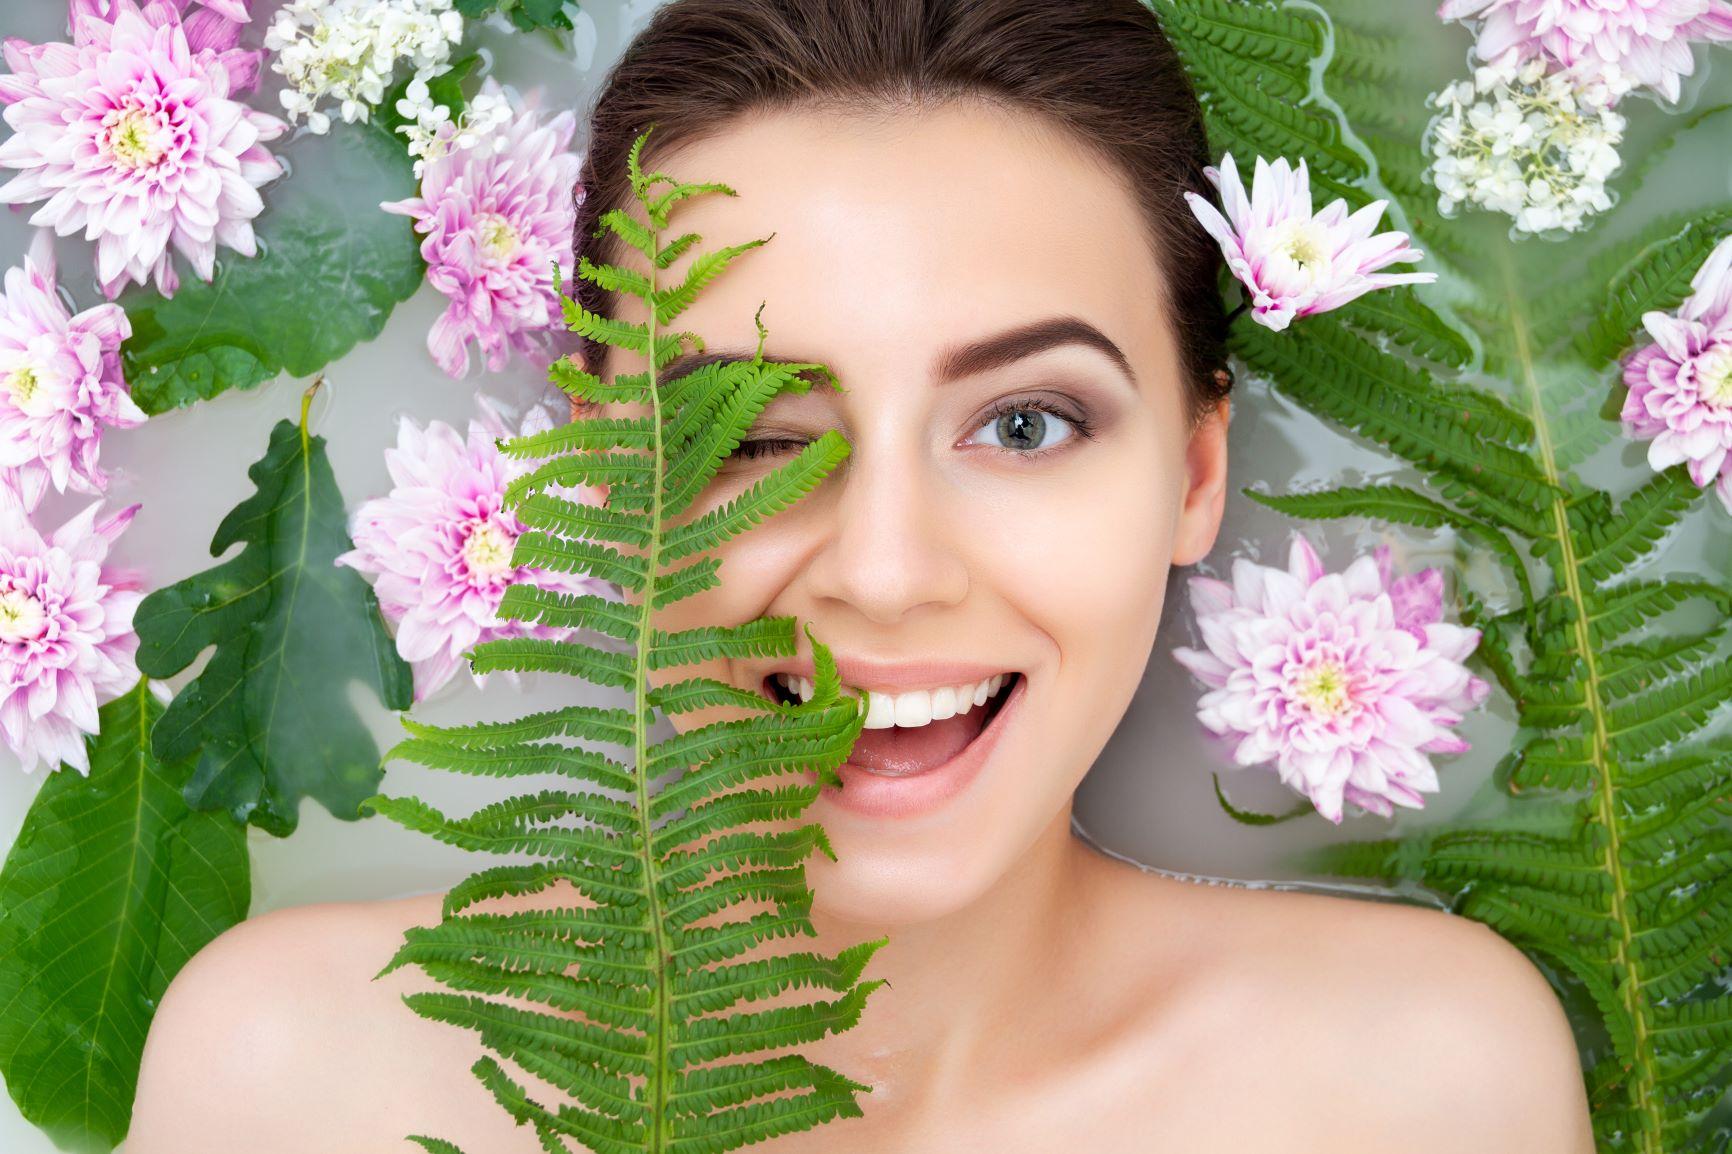 femme dans un bain avec des feuilles et fleurs